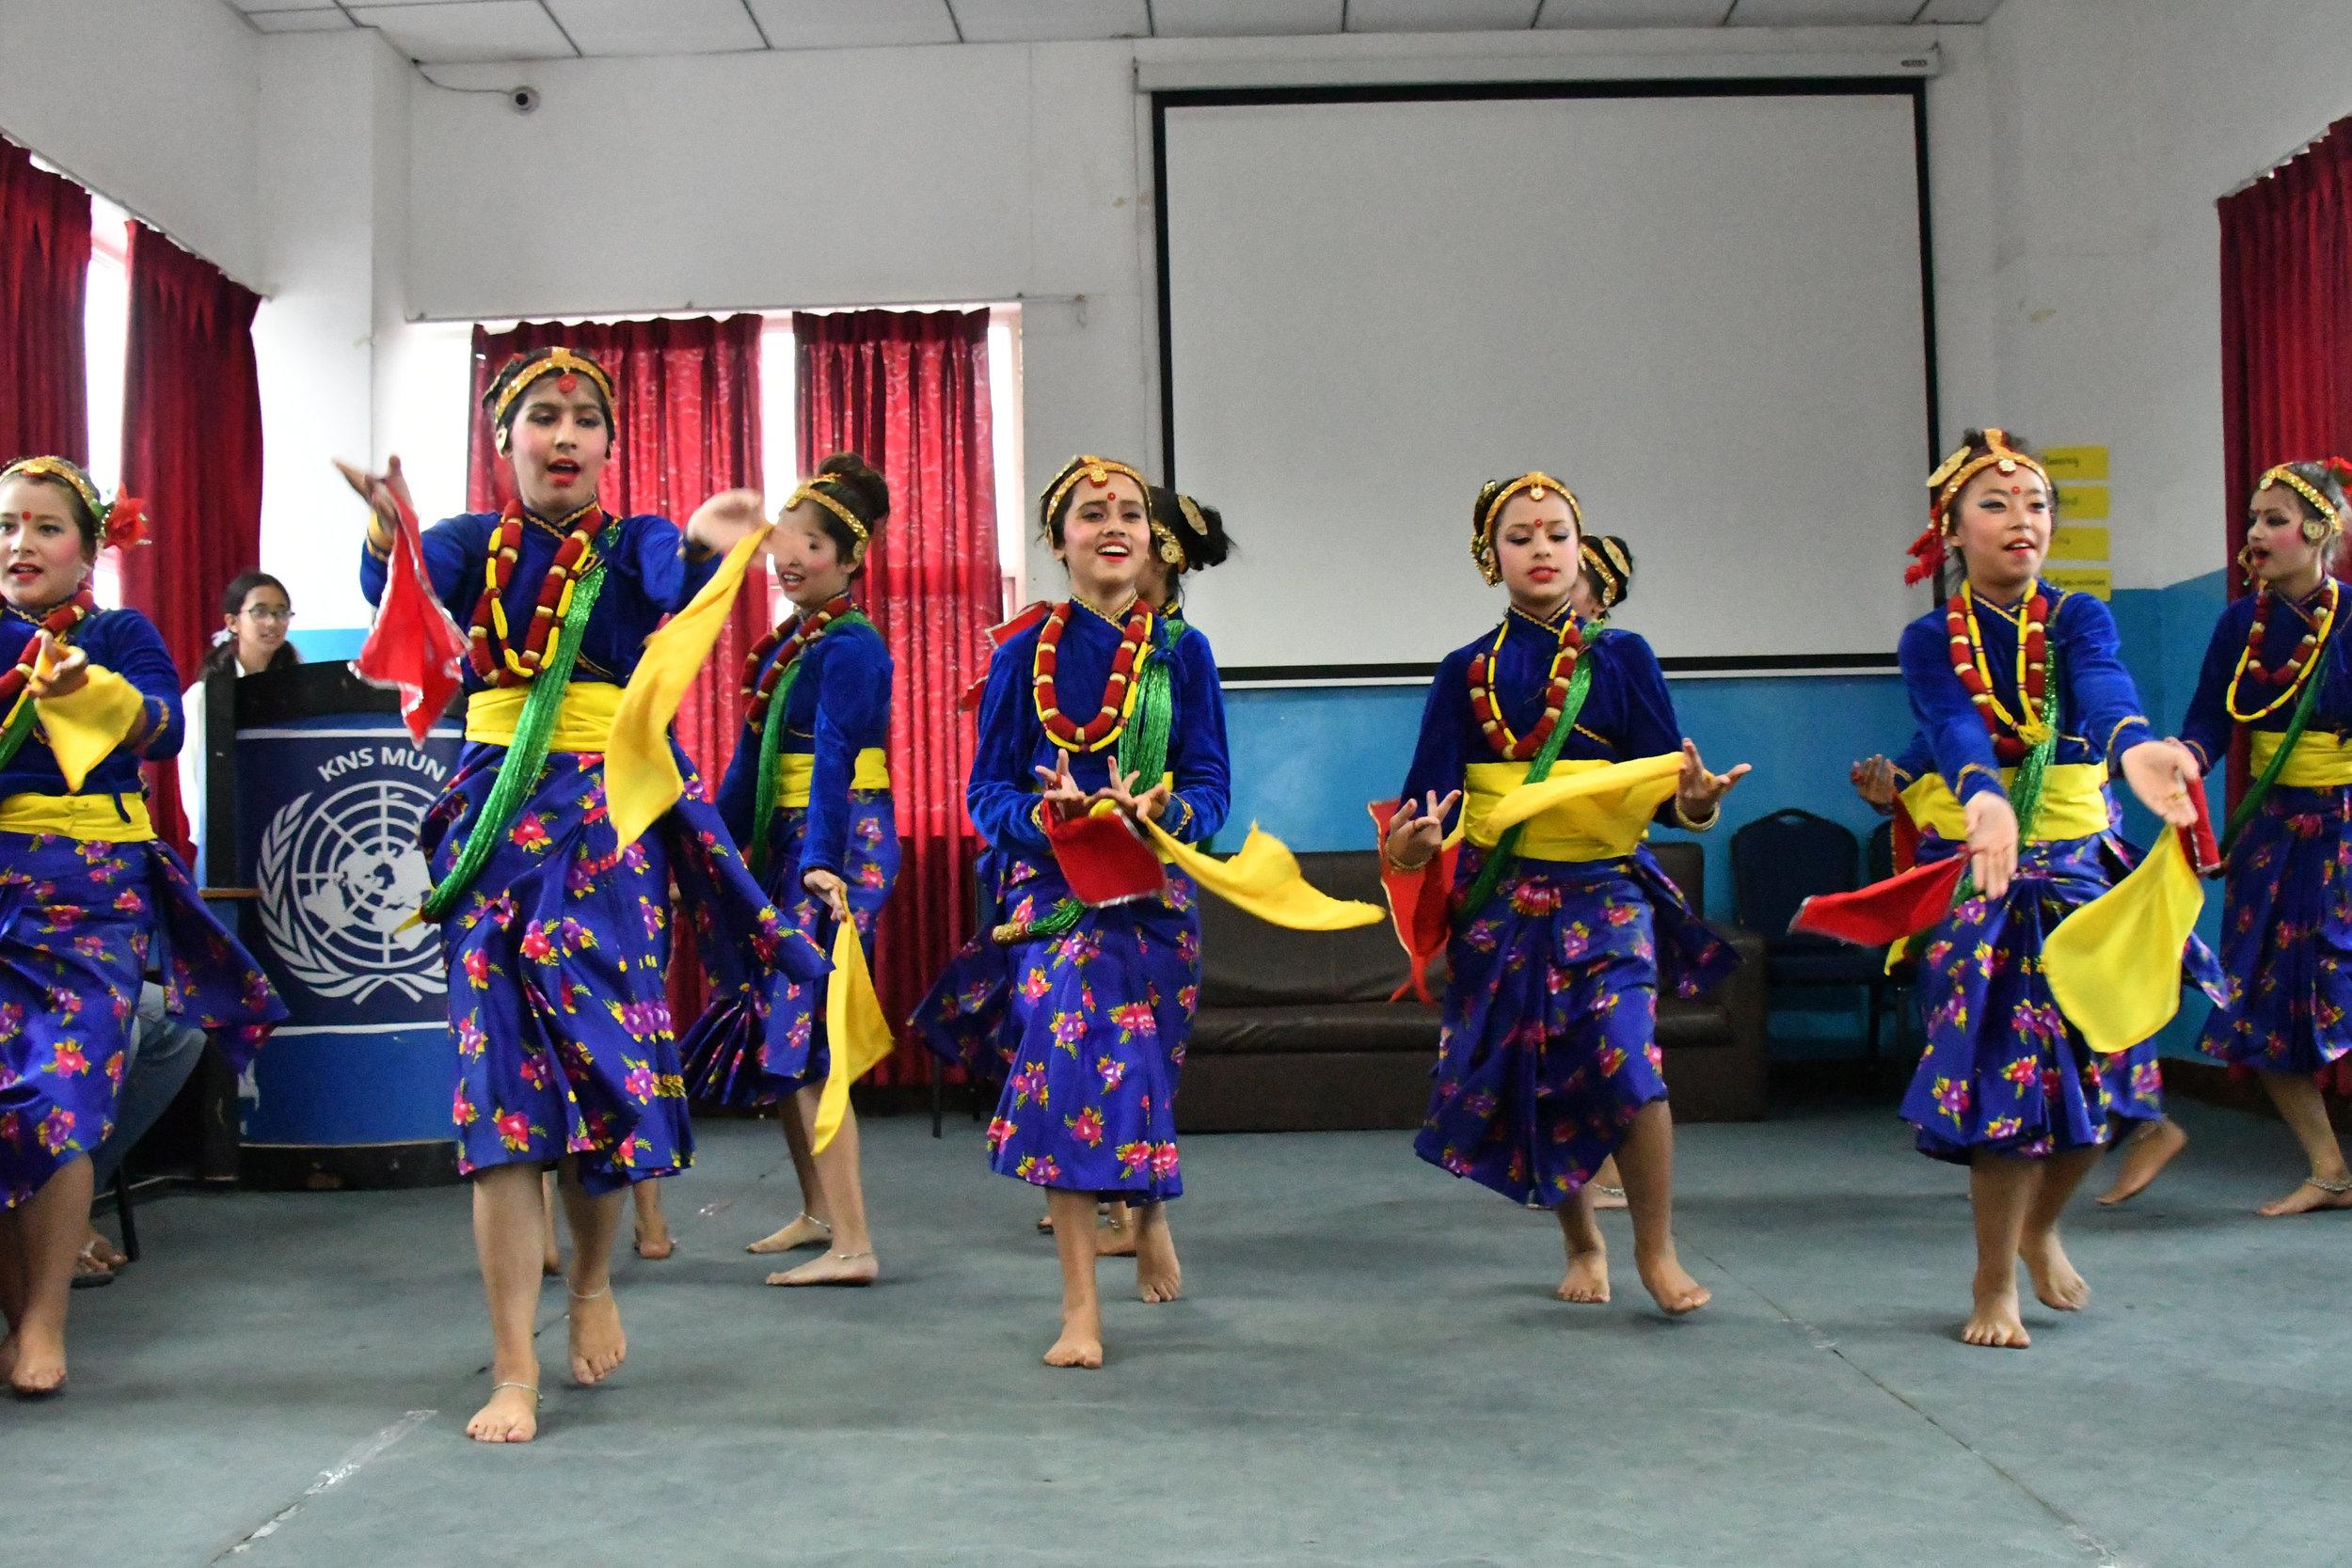 mck nepal 2017 cultural show 2 DSC_4279.jpg